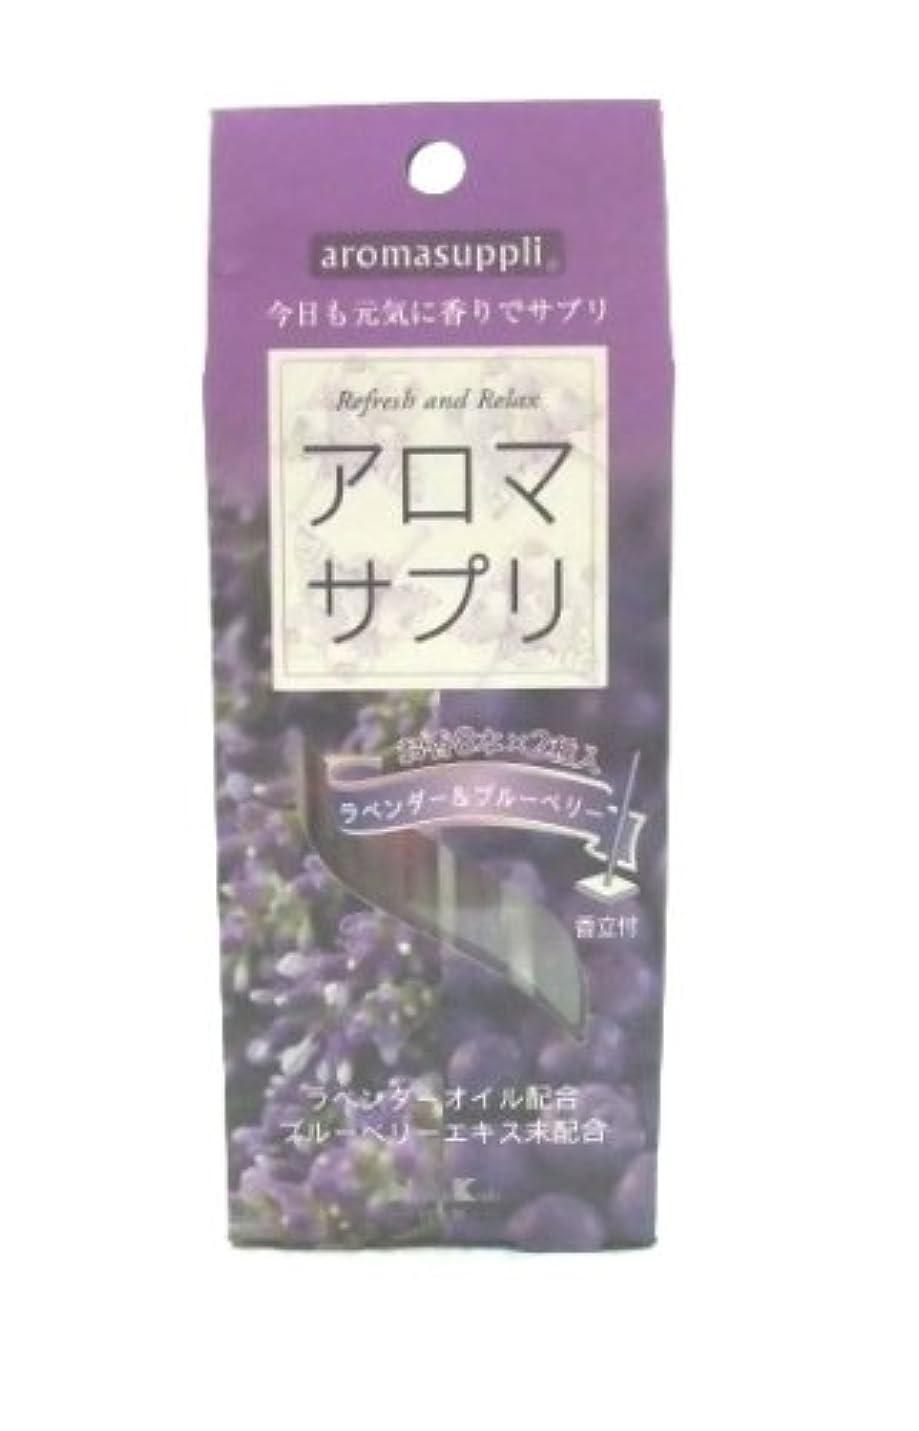 刈る自慢明るくするお香 アロマサプリ<ラベンダー&ブルーベリー> 2種類の香り× 各8本入 香立付